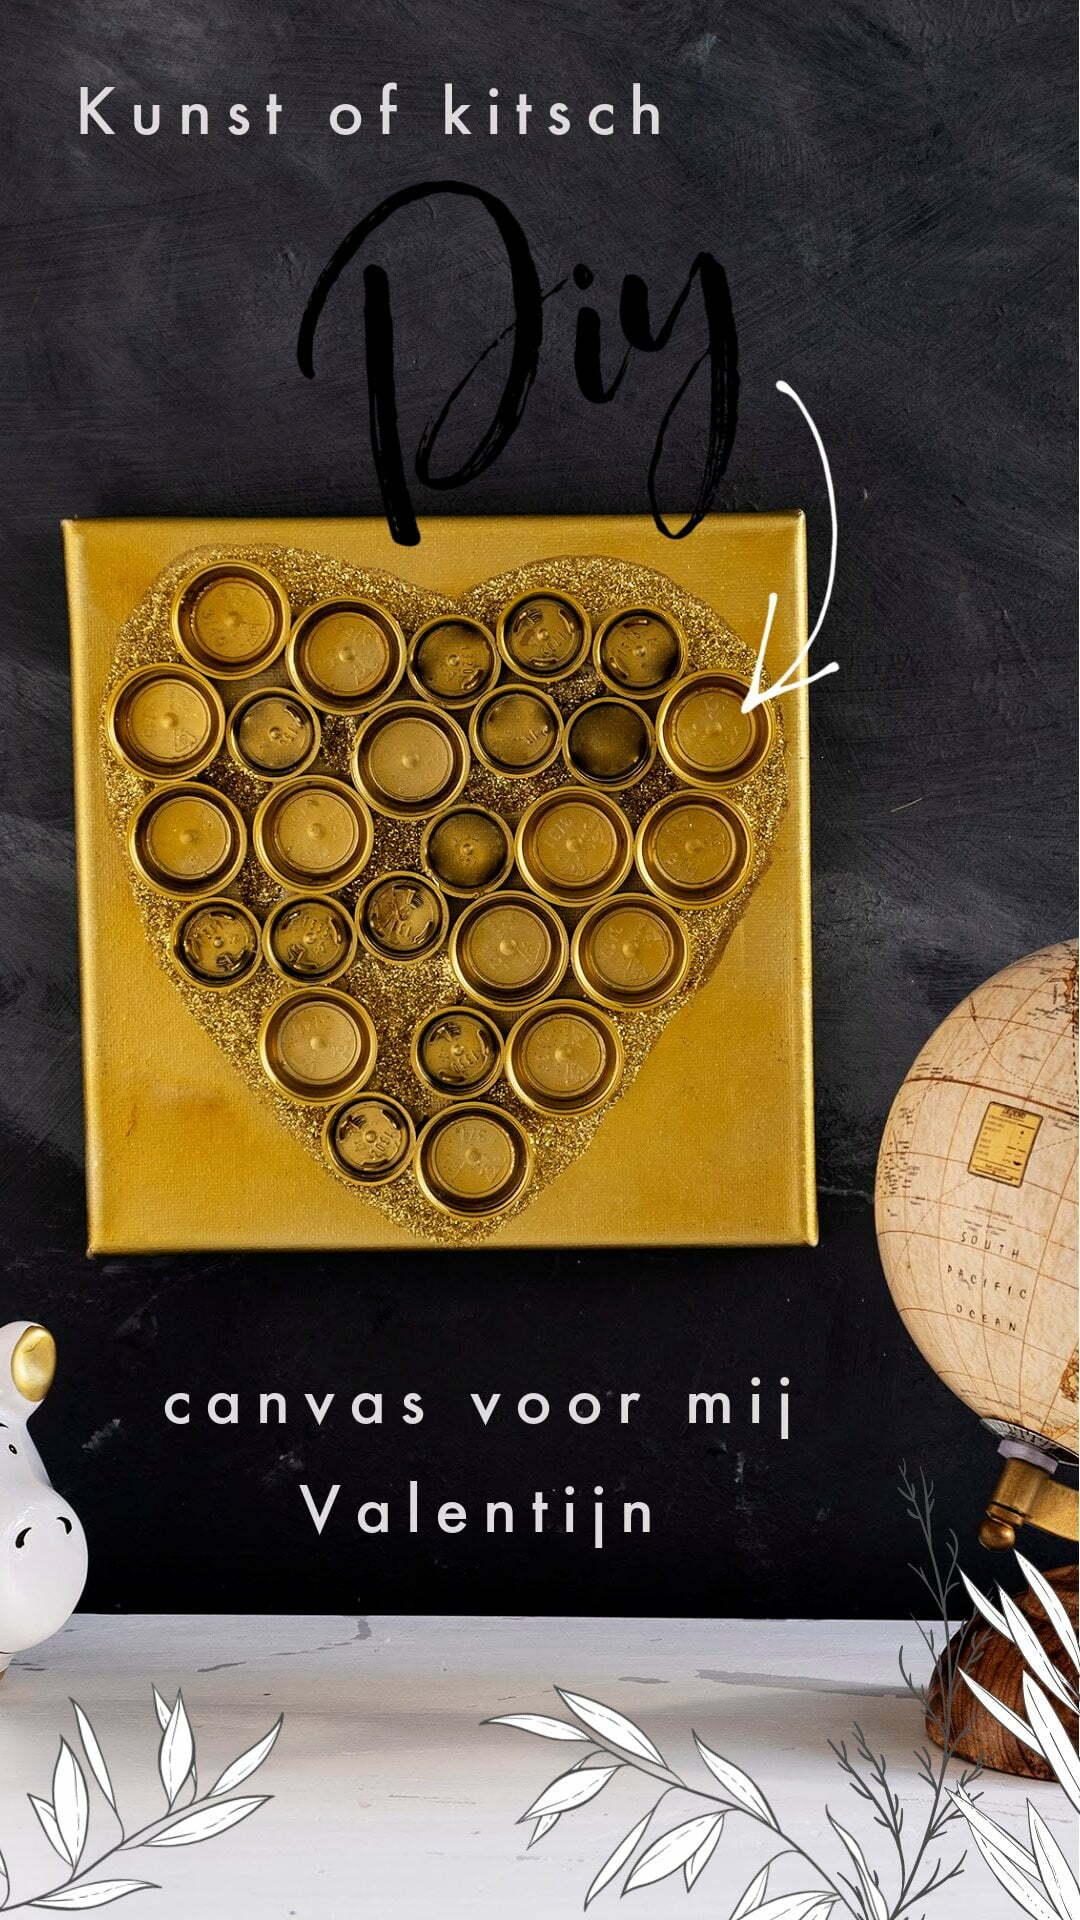 Kunst of kitsch canvas voor mij Valentijn